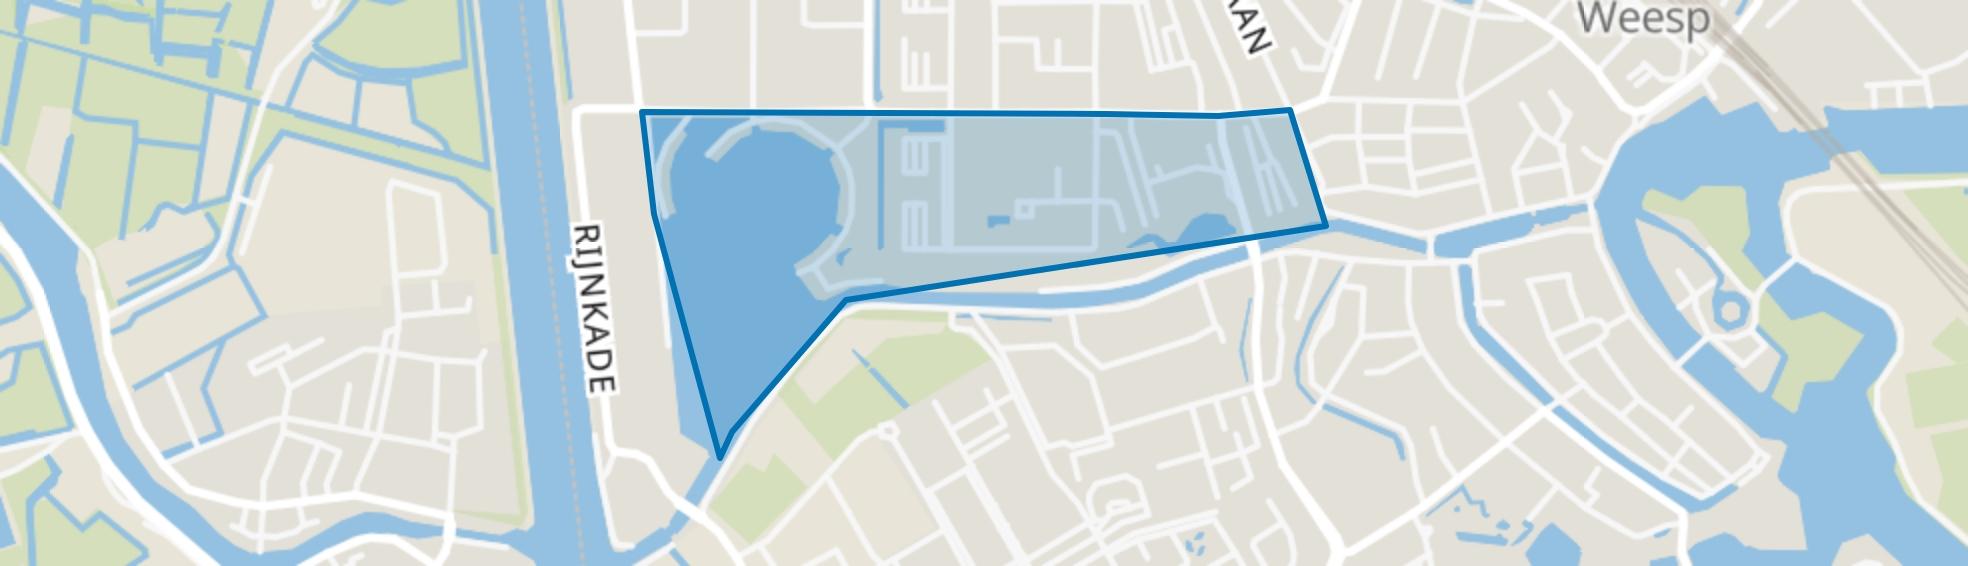 Hogewey Zuid, Weesp map